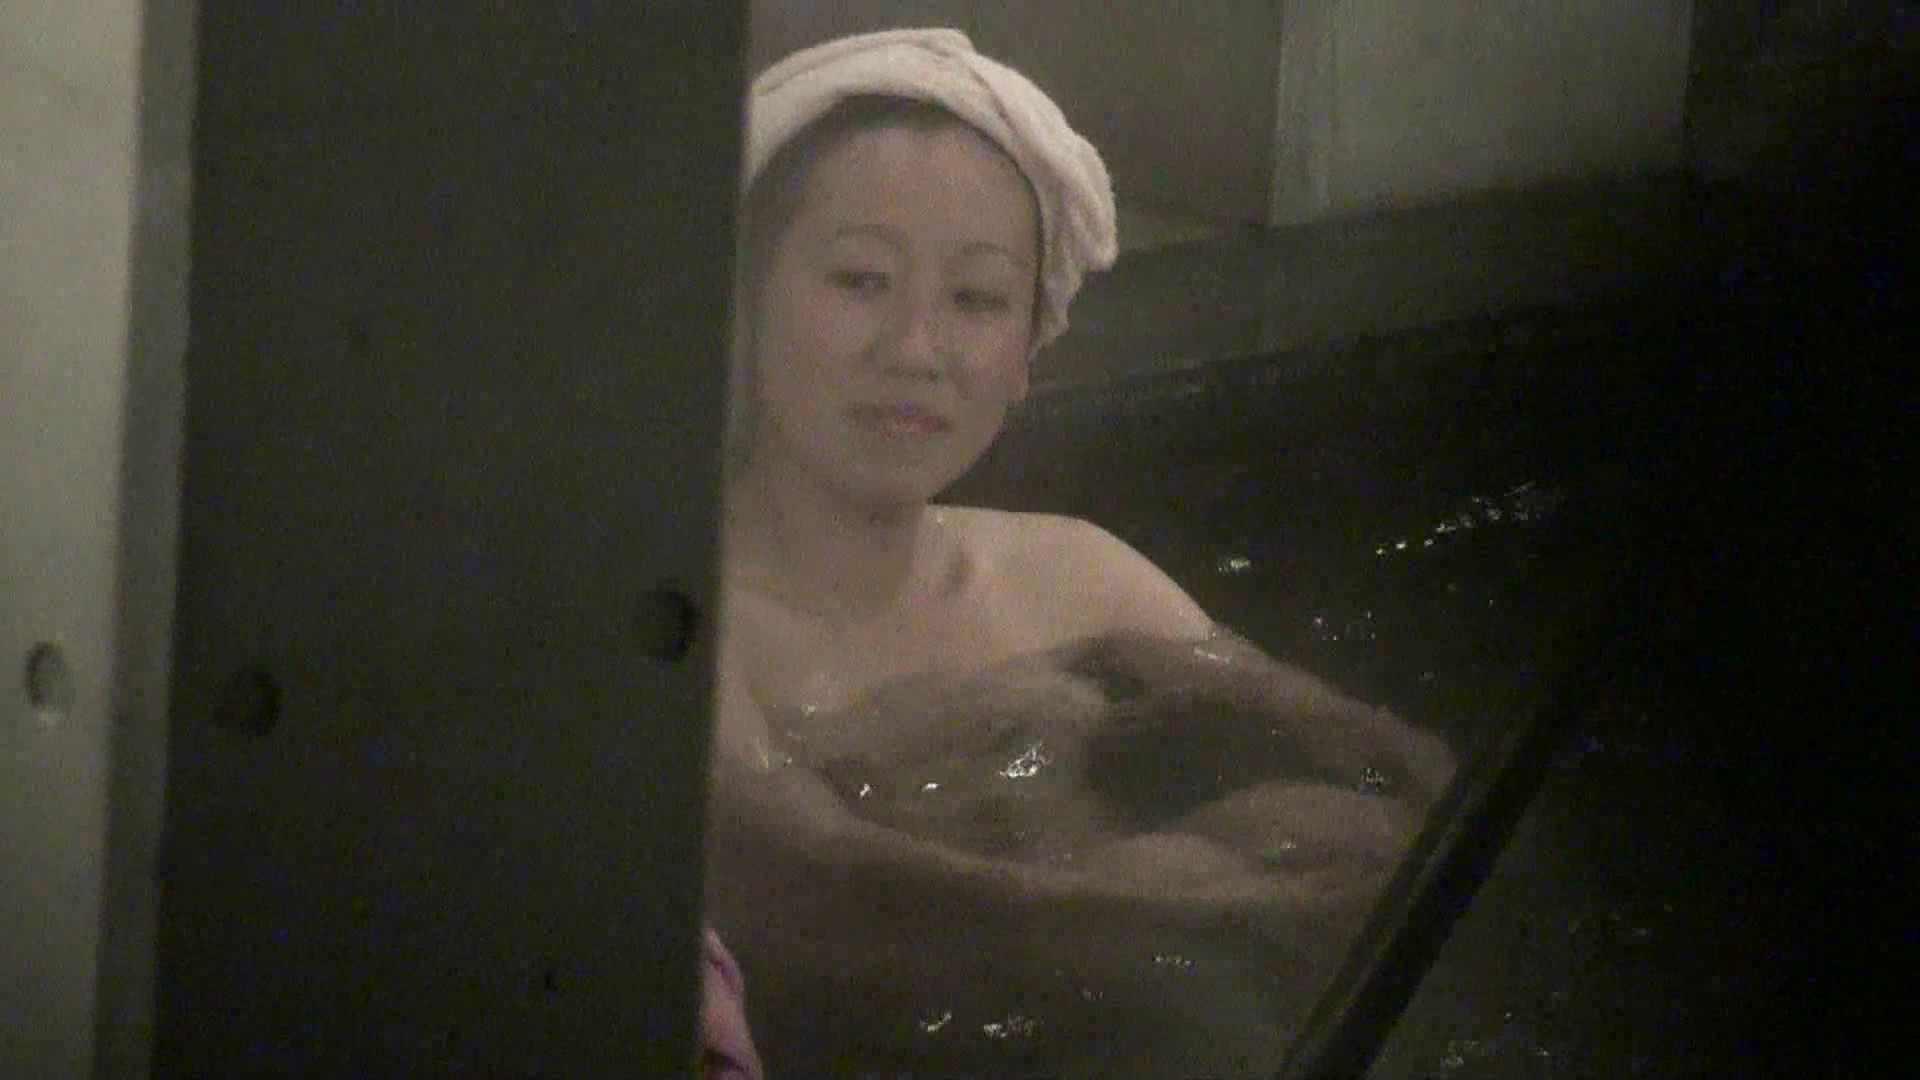 Aquaな露天風呂Vol.416 盗撮 | 露天  52画像 16